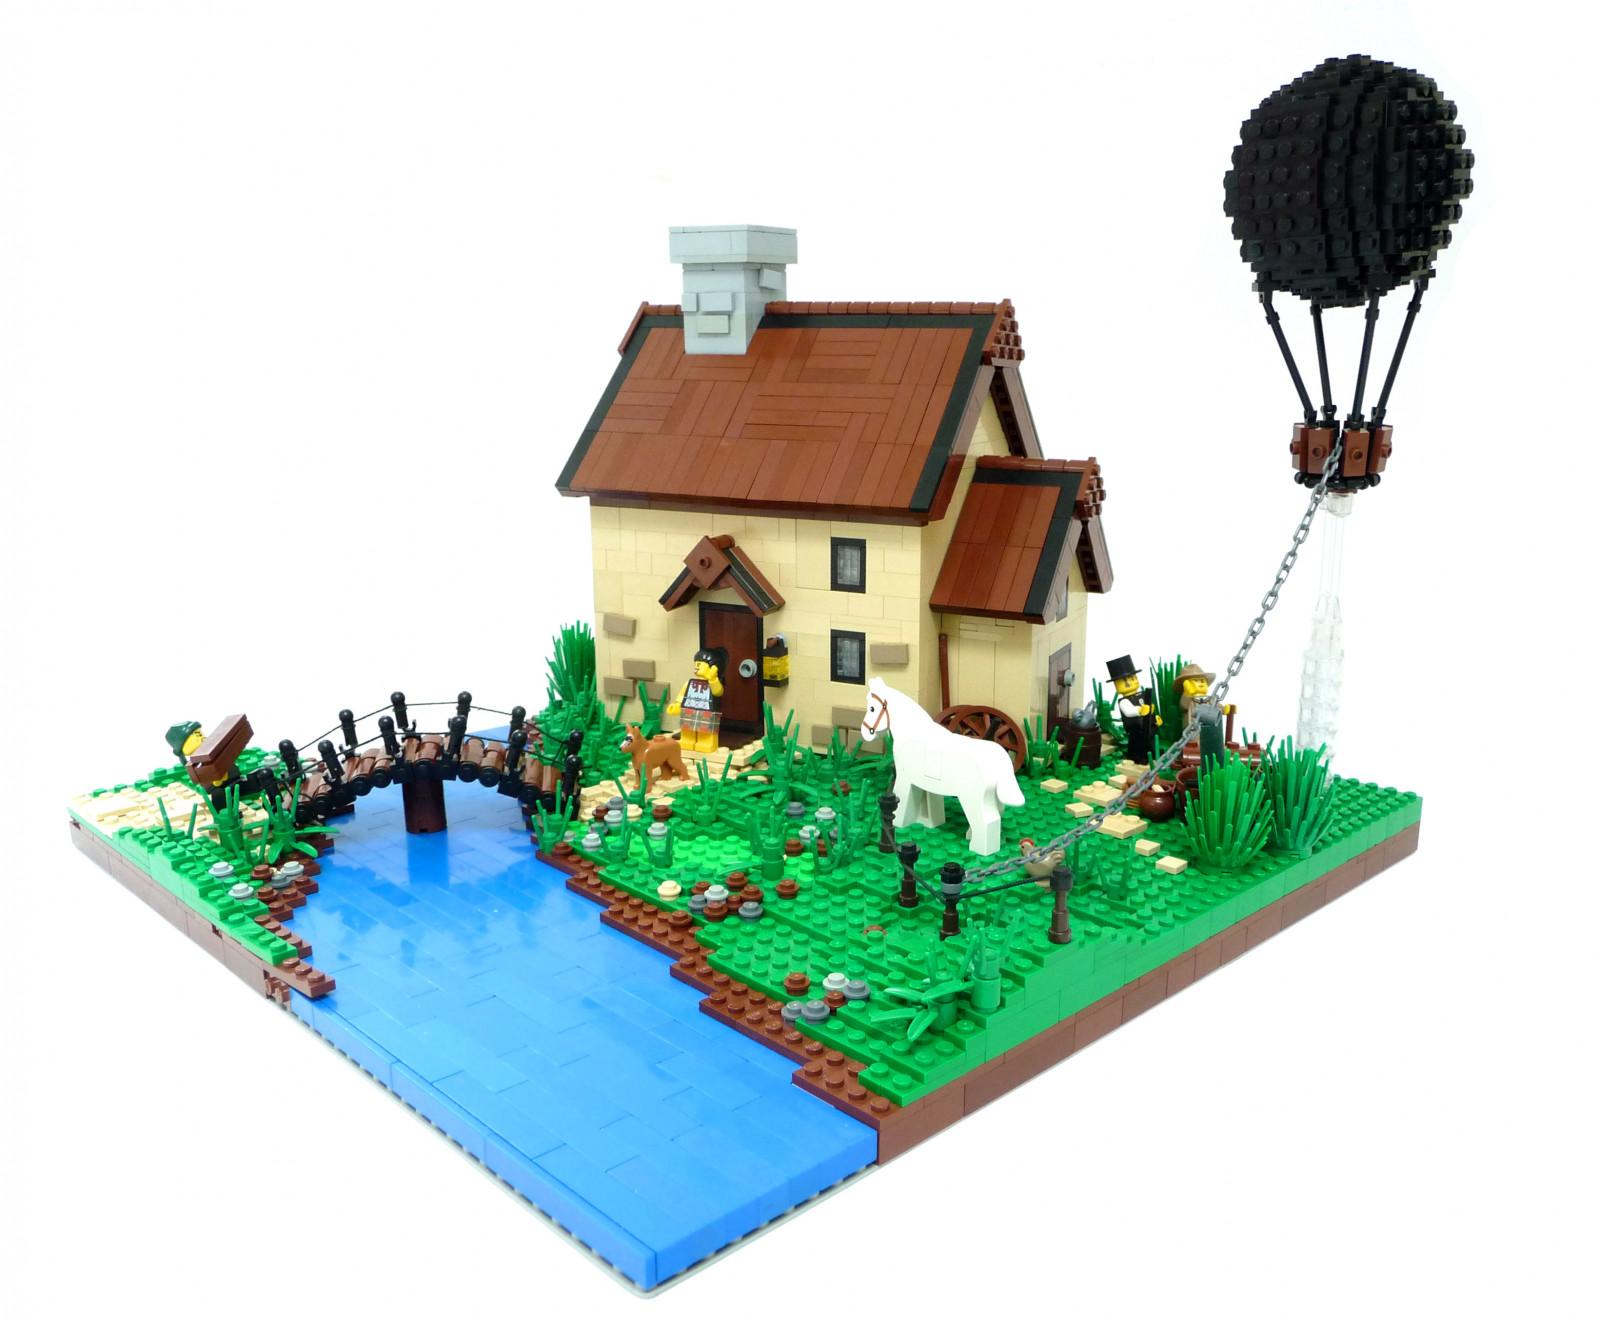 fond d 39 cran illustration ville cul maison lego pont rivi re vaisseau spatial ballon. Black Bedroom Furniture Sets. Home Design Ideas